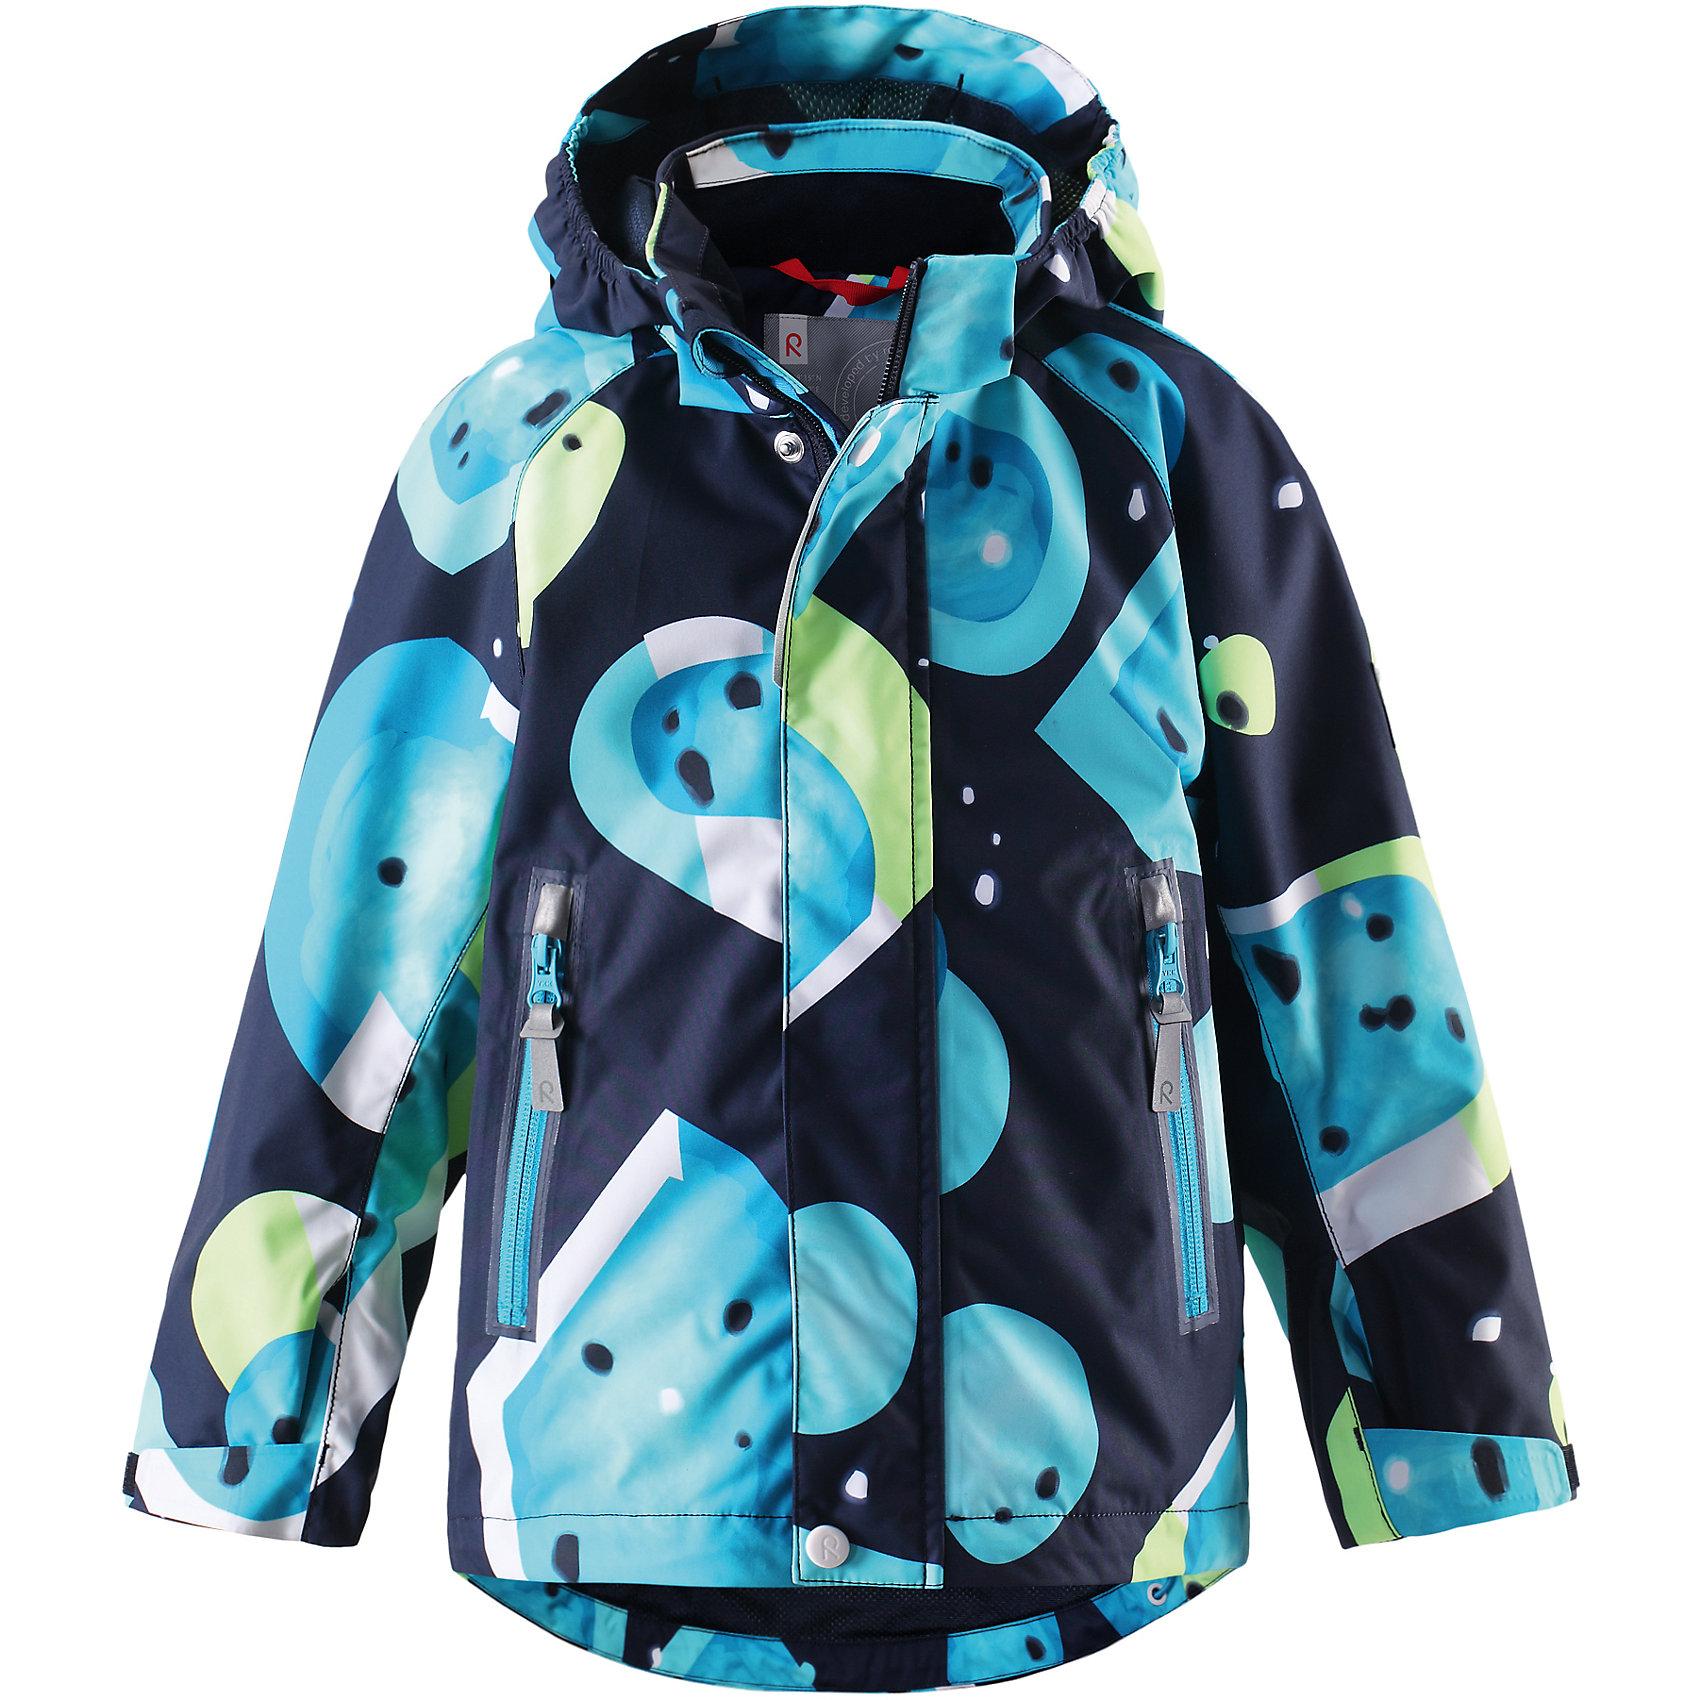 Куртка для мальчика Reimatec ReimaОдежда<br>Демисезонная куртка для детей рассчитана на круглогодичное использование, будь то дождь или солнечная погода, просто в холодную погоду необходимо добавить несколько слоев Reima®. Обратите внимание, что с удобной системой кнопочных застежек Play Layers® можно легко пристегнуть к куртке несколько слоев Reima® для создания дополнительного тепла и комфорта. Сетчатая подкладка куртки из качественного, водонепроницаемого и дышащего материала добавляет комфорта. Съемный капюшон и светоотражающие детали обеспечивают безопасность во время активных игр на воздухе, а карманы на молнии гарантируют идеальное хранение наиболее ценных для ребенка мелочей.<br><br>Дополнительная информация:<br><br>Куртка демисезонная для детей<br>Все швы проклеены и водонепроницаемы<br>Водо- и ветронепроницаемый, «дышащий» и грязеотталкивающий материал<br>Подкладка из mesh-сетки<br>Безопасный, отстегивающийся и регулируемый капюшон<br>Регулируемые манжеты и подол<br>Два кармана на молнии<br>Безопасные светоотражающие детали<br>Состав:<br>100% ПЭ, ПУ-покрытие<br>Уход:<br>Стирать по отдельности, вывернув наизнанку. Застегнуть молнии и липучки. Стирать моющим средством, не содержащим отбеливающие вещества. Полоскать без специального средства. Во избежание изменения цвета изделие необходимо вынуть из стиральной машинки незамедлительно после окончания программы стирки. Можно сушить в сушильном шкафу или центрифуге (макс. 40° C).<br><br>Ширина мм: 356<br>Глубина мм: 10<br>Высота мм: 245<br>Вес г: 519<br>Цвет: синий<br>Возраст от месяцев: 96<br>Возраст до месяцев: 108<br>Пол: Мужской<br>Возраст: Детский<br>Размер: 134,140,128,116,110,104,122<br>SKU: 4497369